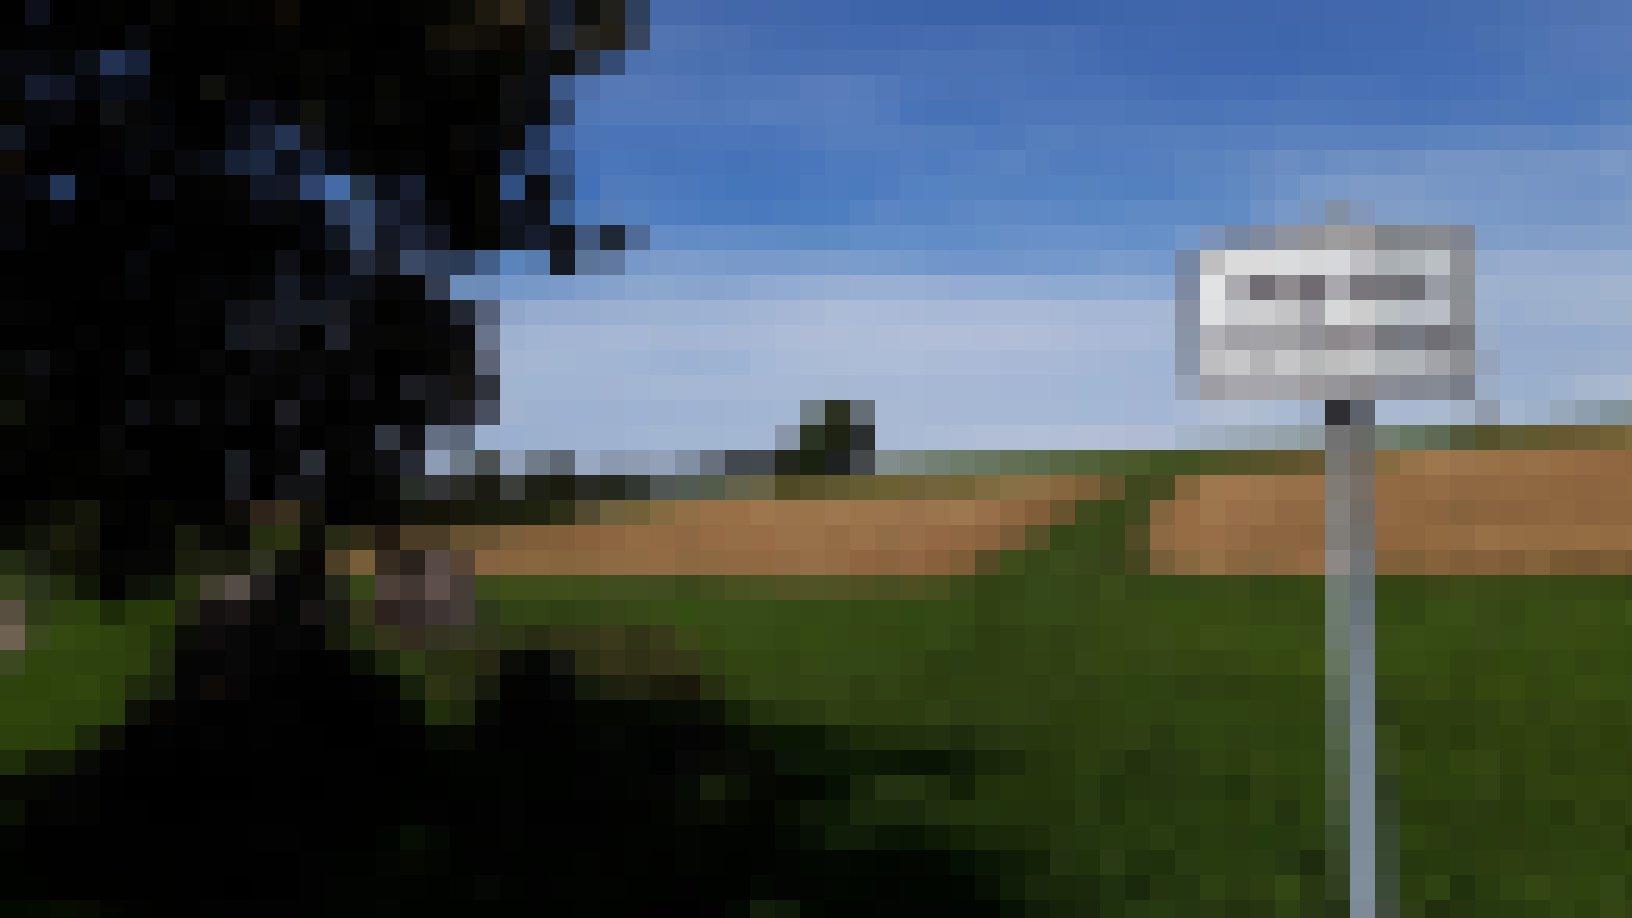 """Vor einer durch zwei Feldflächen geteilten grünen Wiese steht das Schild """"Weg ohne Fortsetzung""""."""